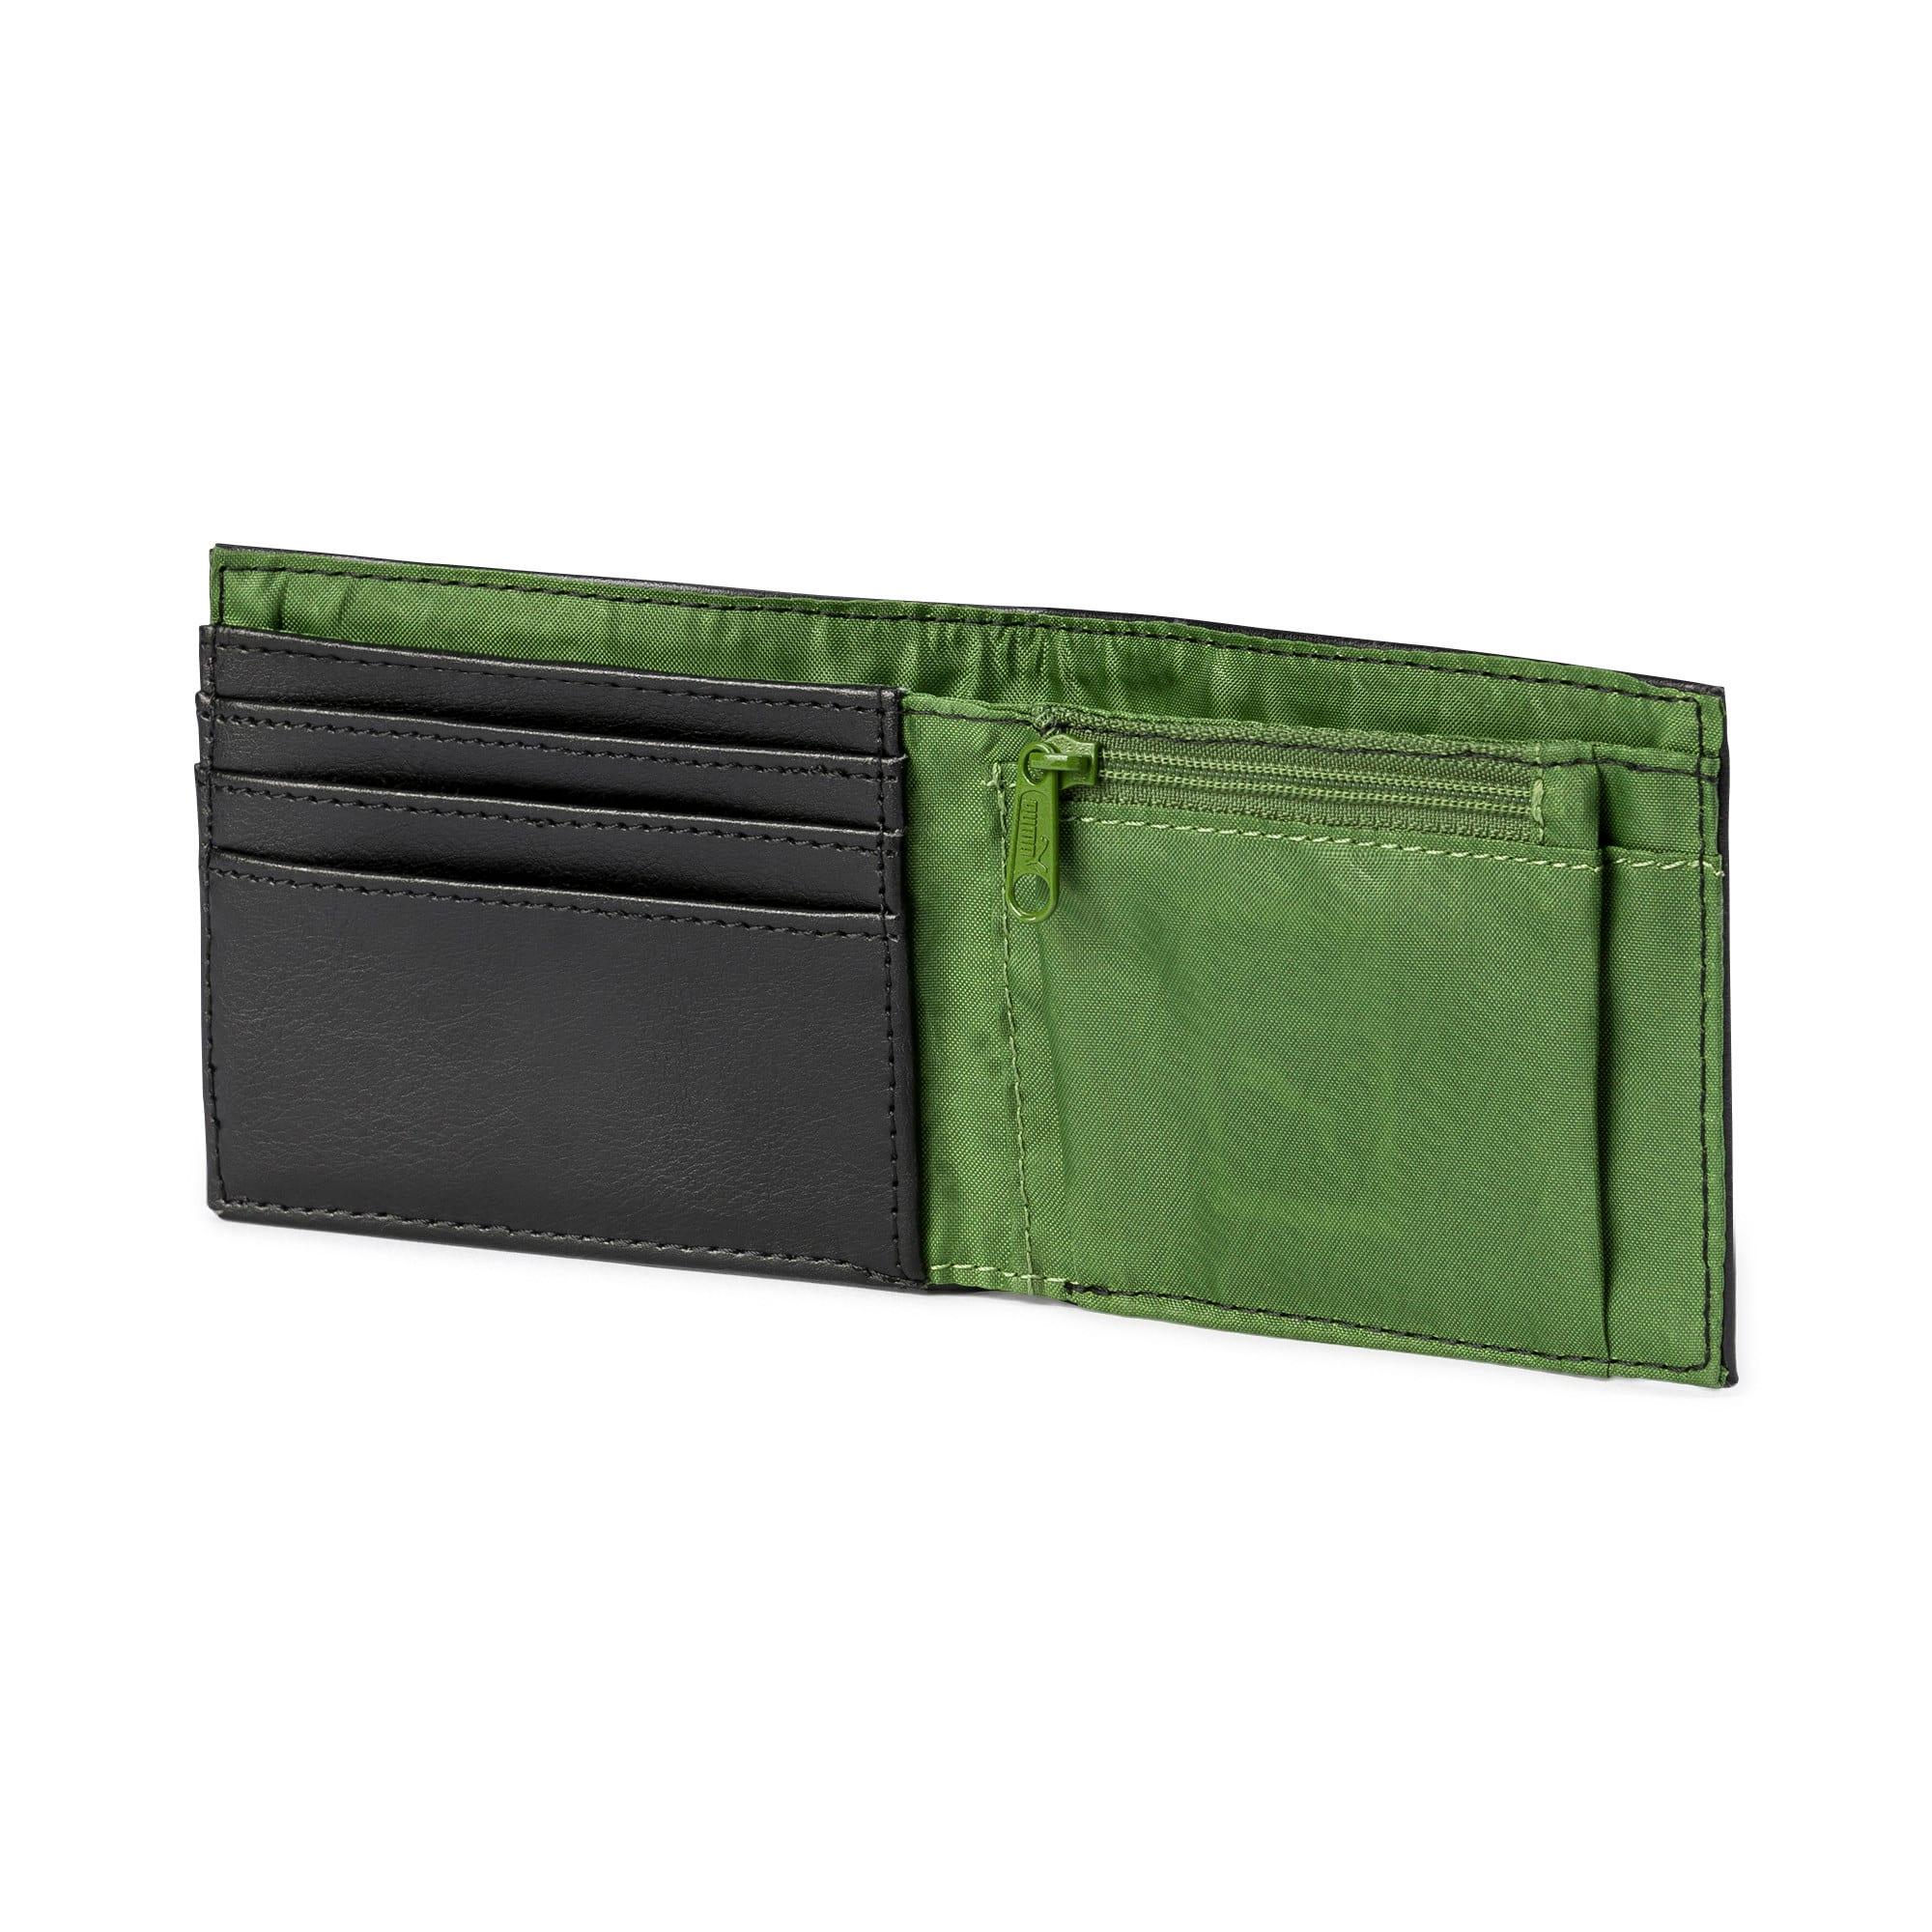 Thumbnail 3 of Originals Retro Wallet, Puma Black, medium